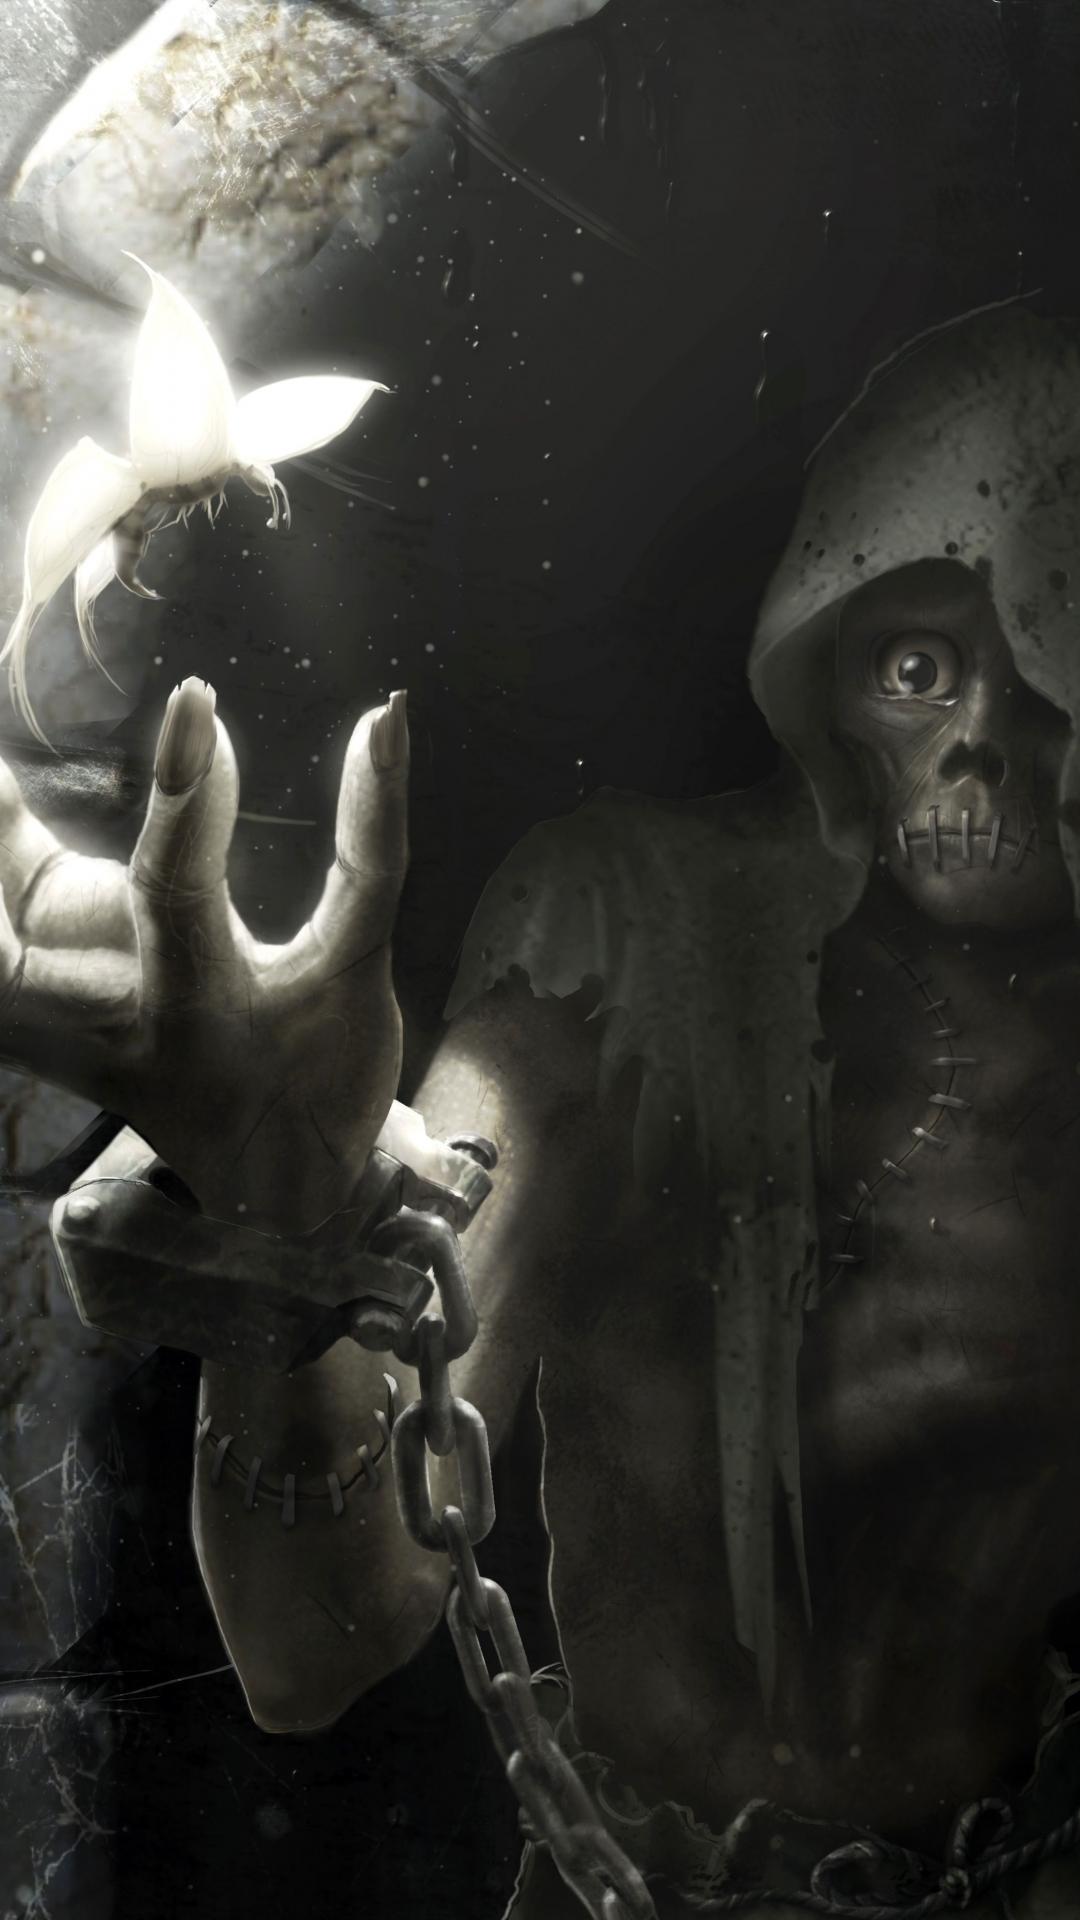 Dark Grim Reaper 1080x1920 Wallpaper ID 593452